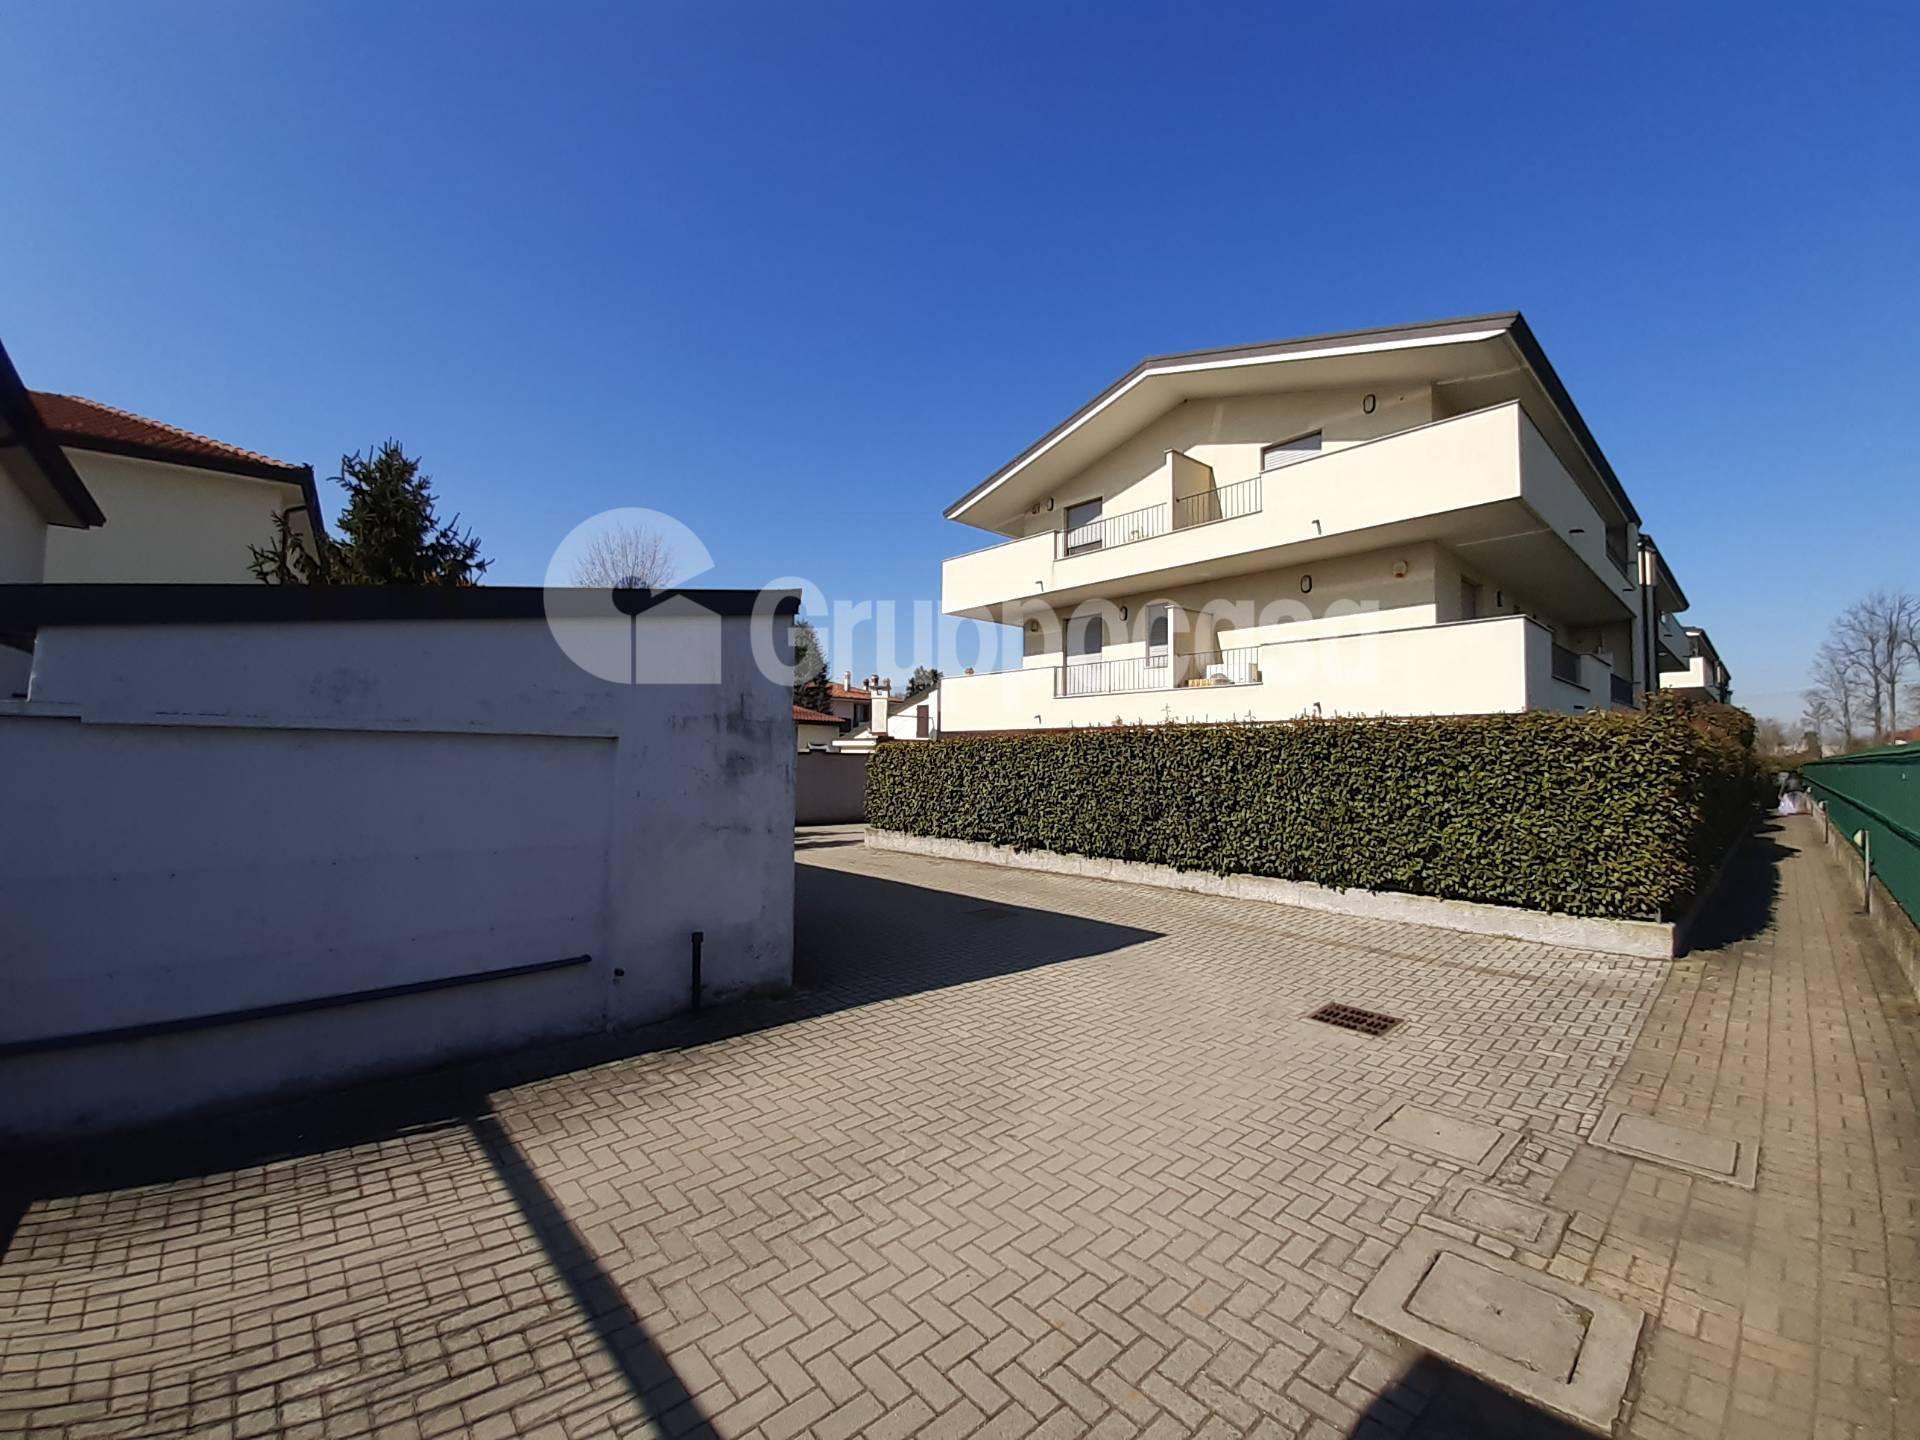 Appartamento in vendita a Corbetta, 3 locali, prezzo € 98.000 | PortaleAgenzieImmobiliari.it